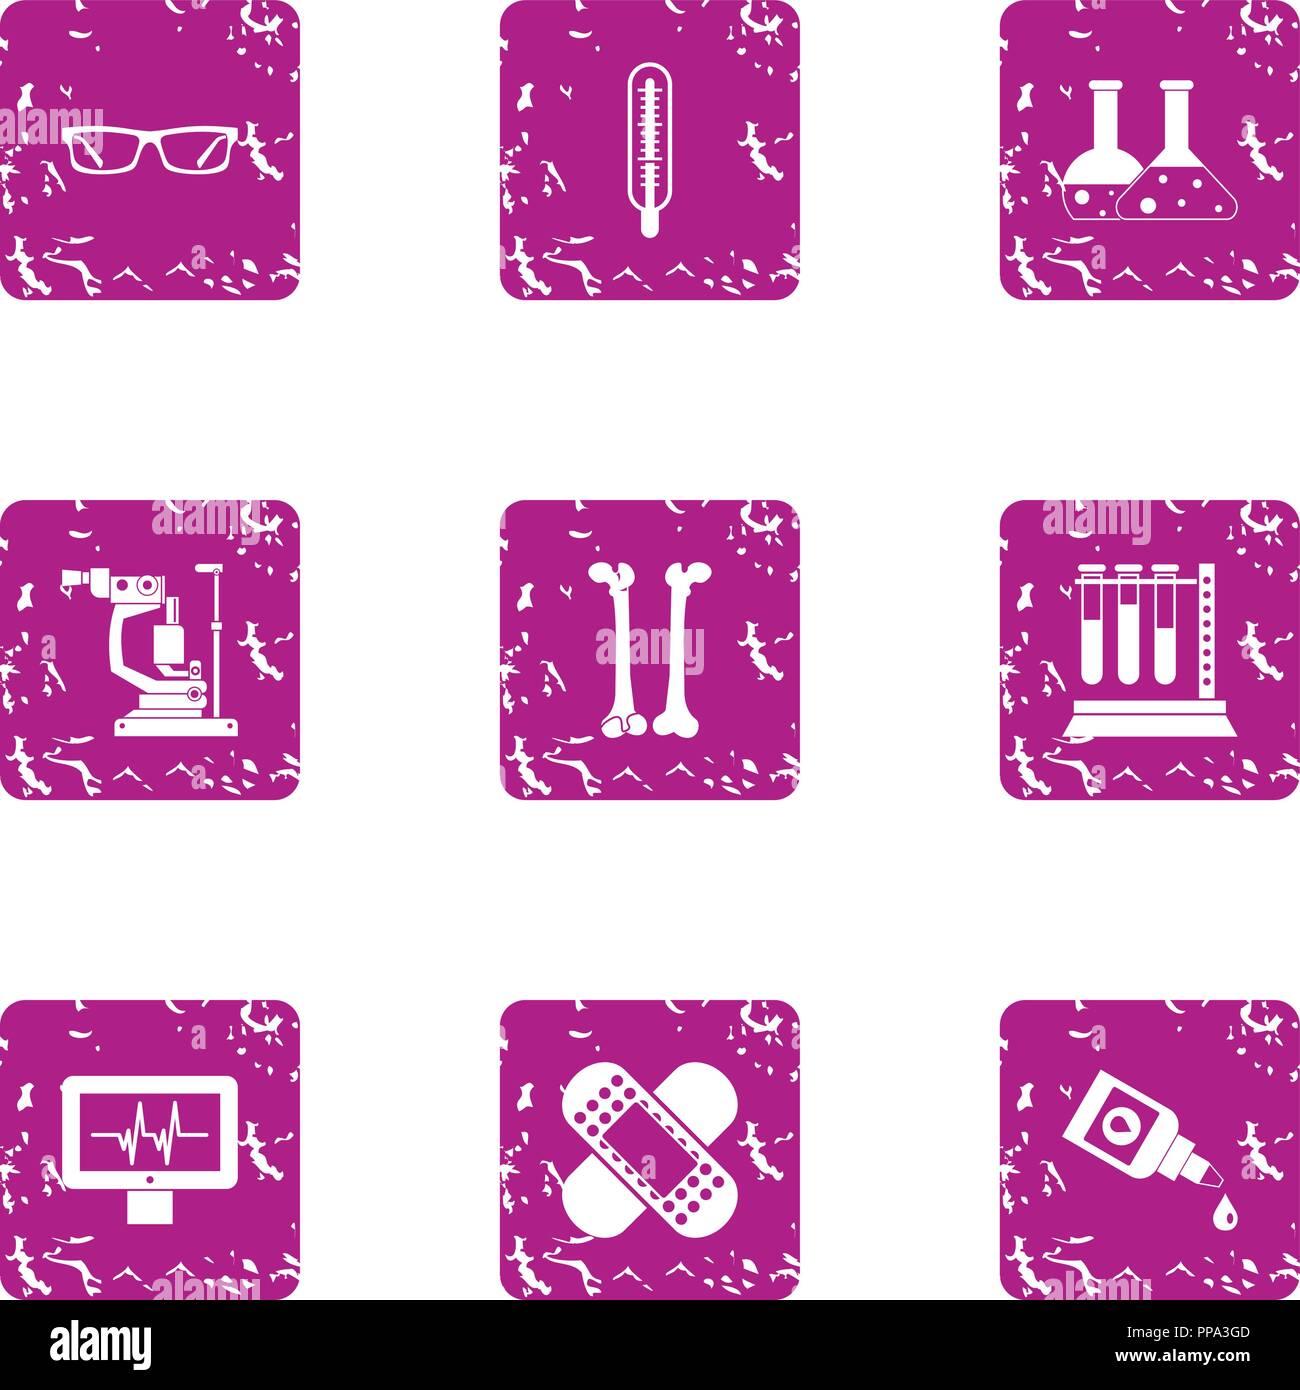 Composición elemental, conjunto de iconos de estilo grunge Imagen De Stock